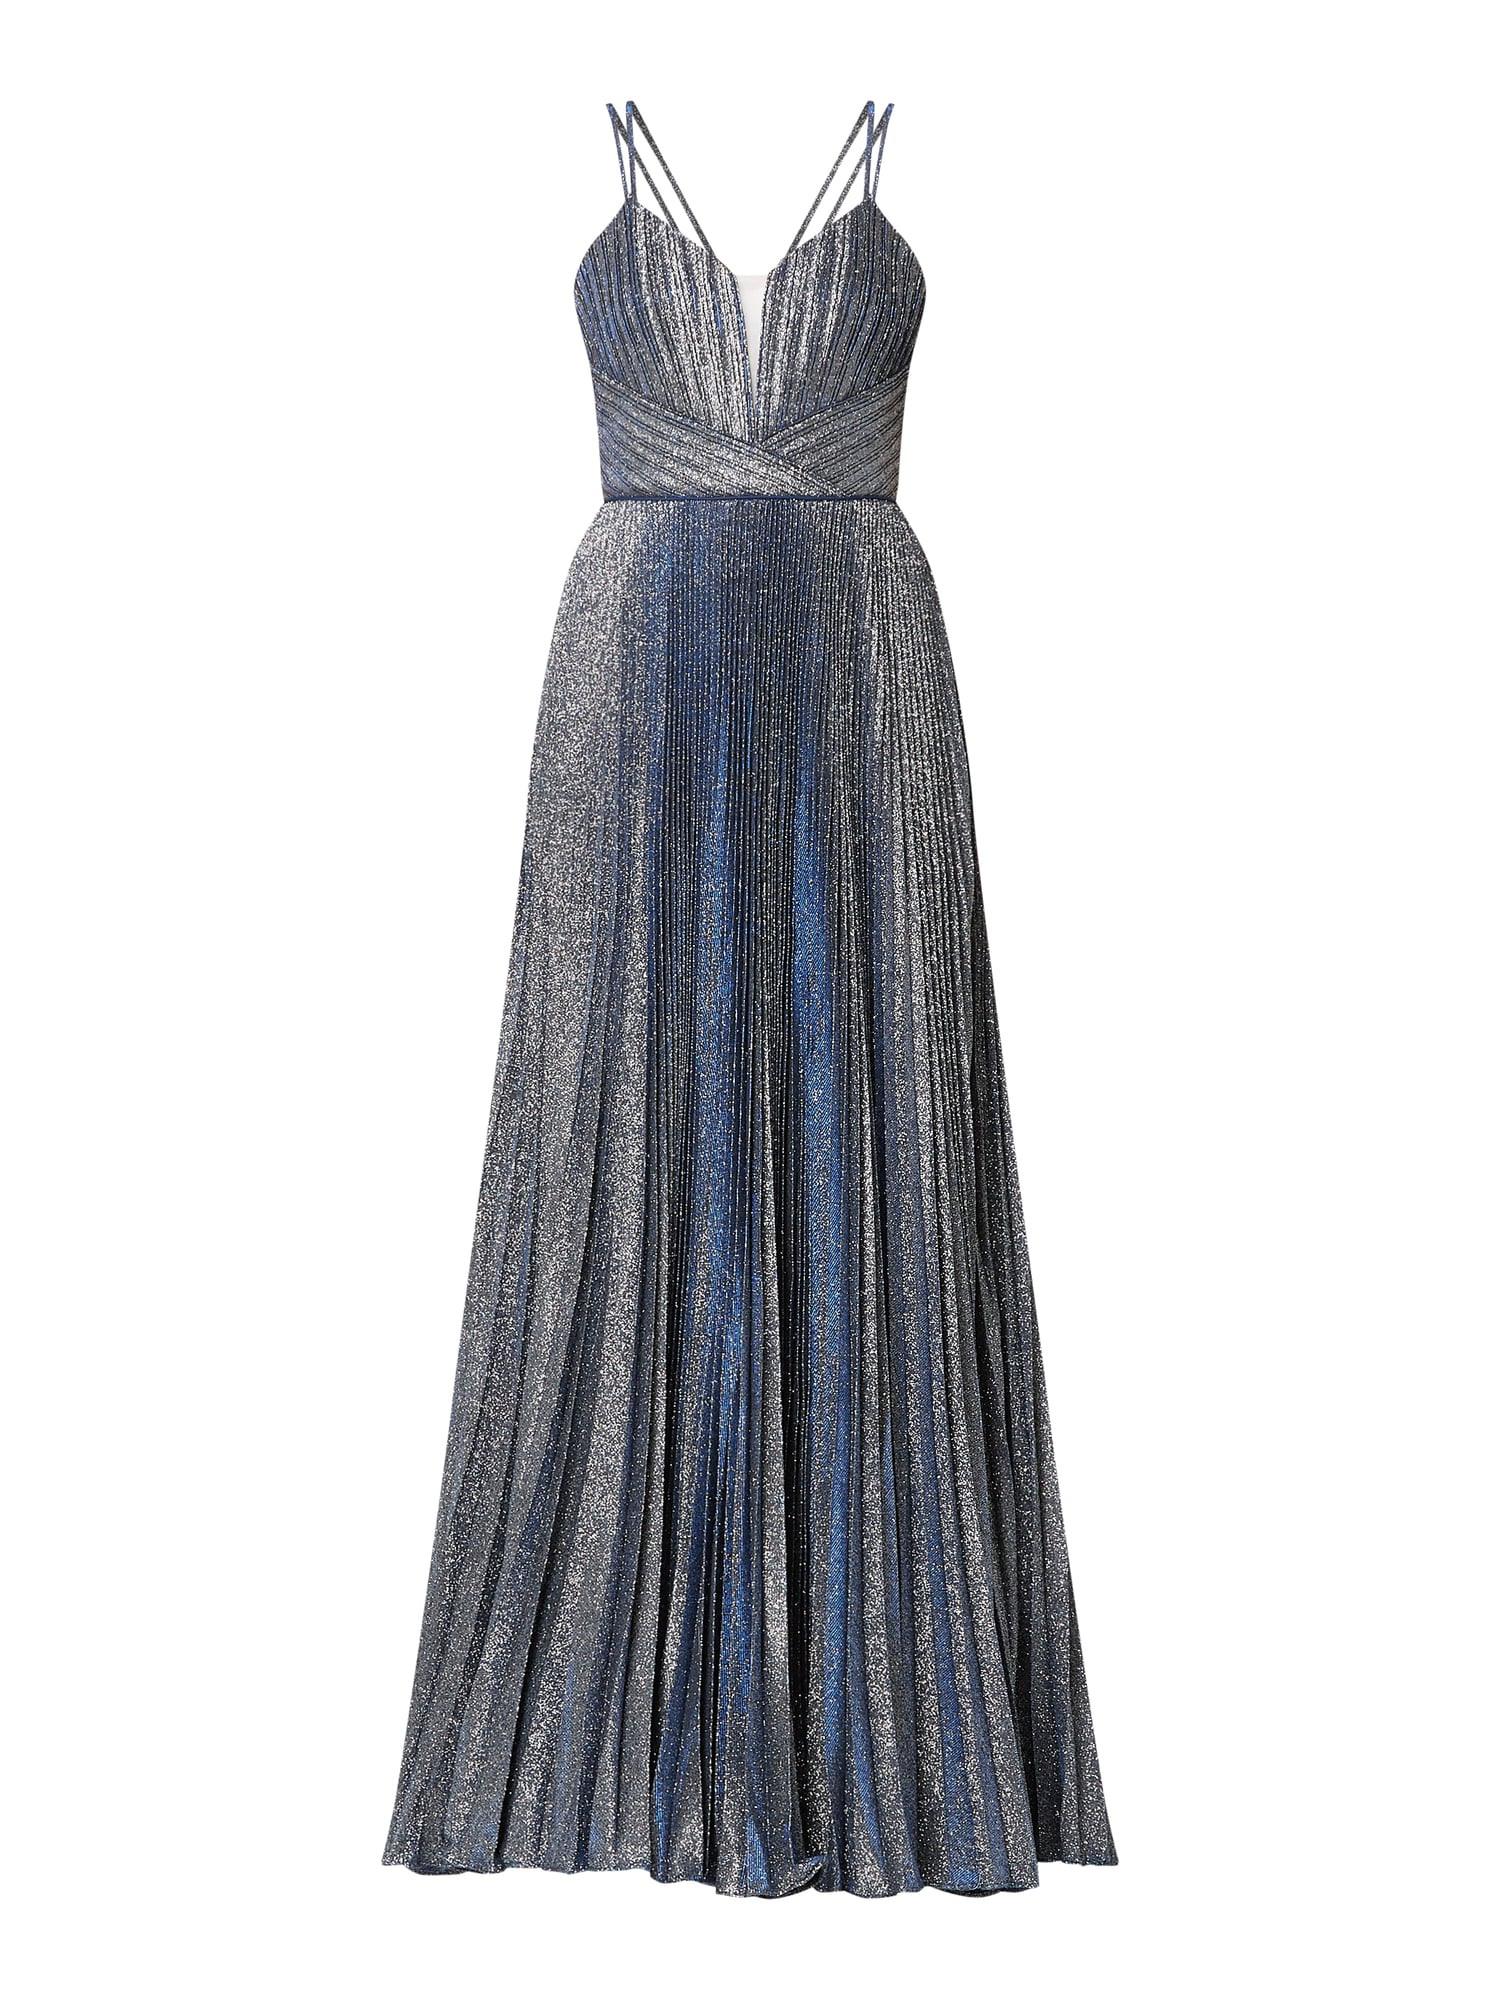 Abend Spektakulär P&C Abendkleid Dunkelblau Bester Preis15 Fantastisch P&C Abendkleid Dunkelblau Boutique